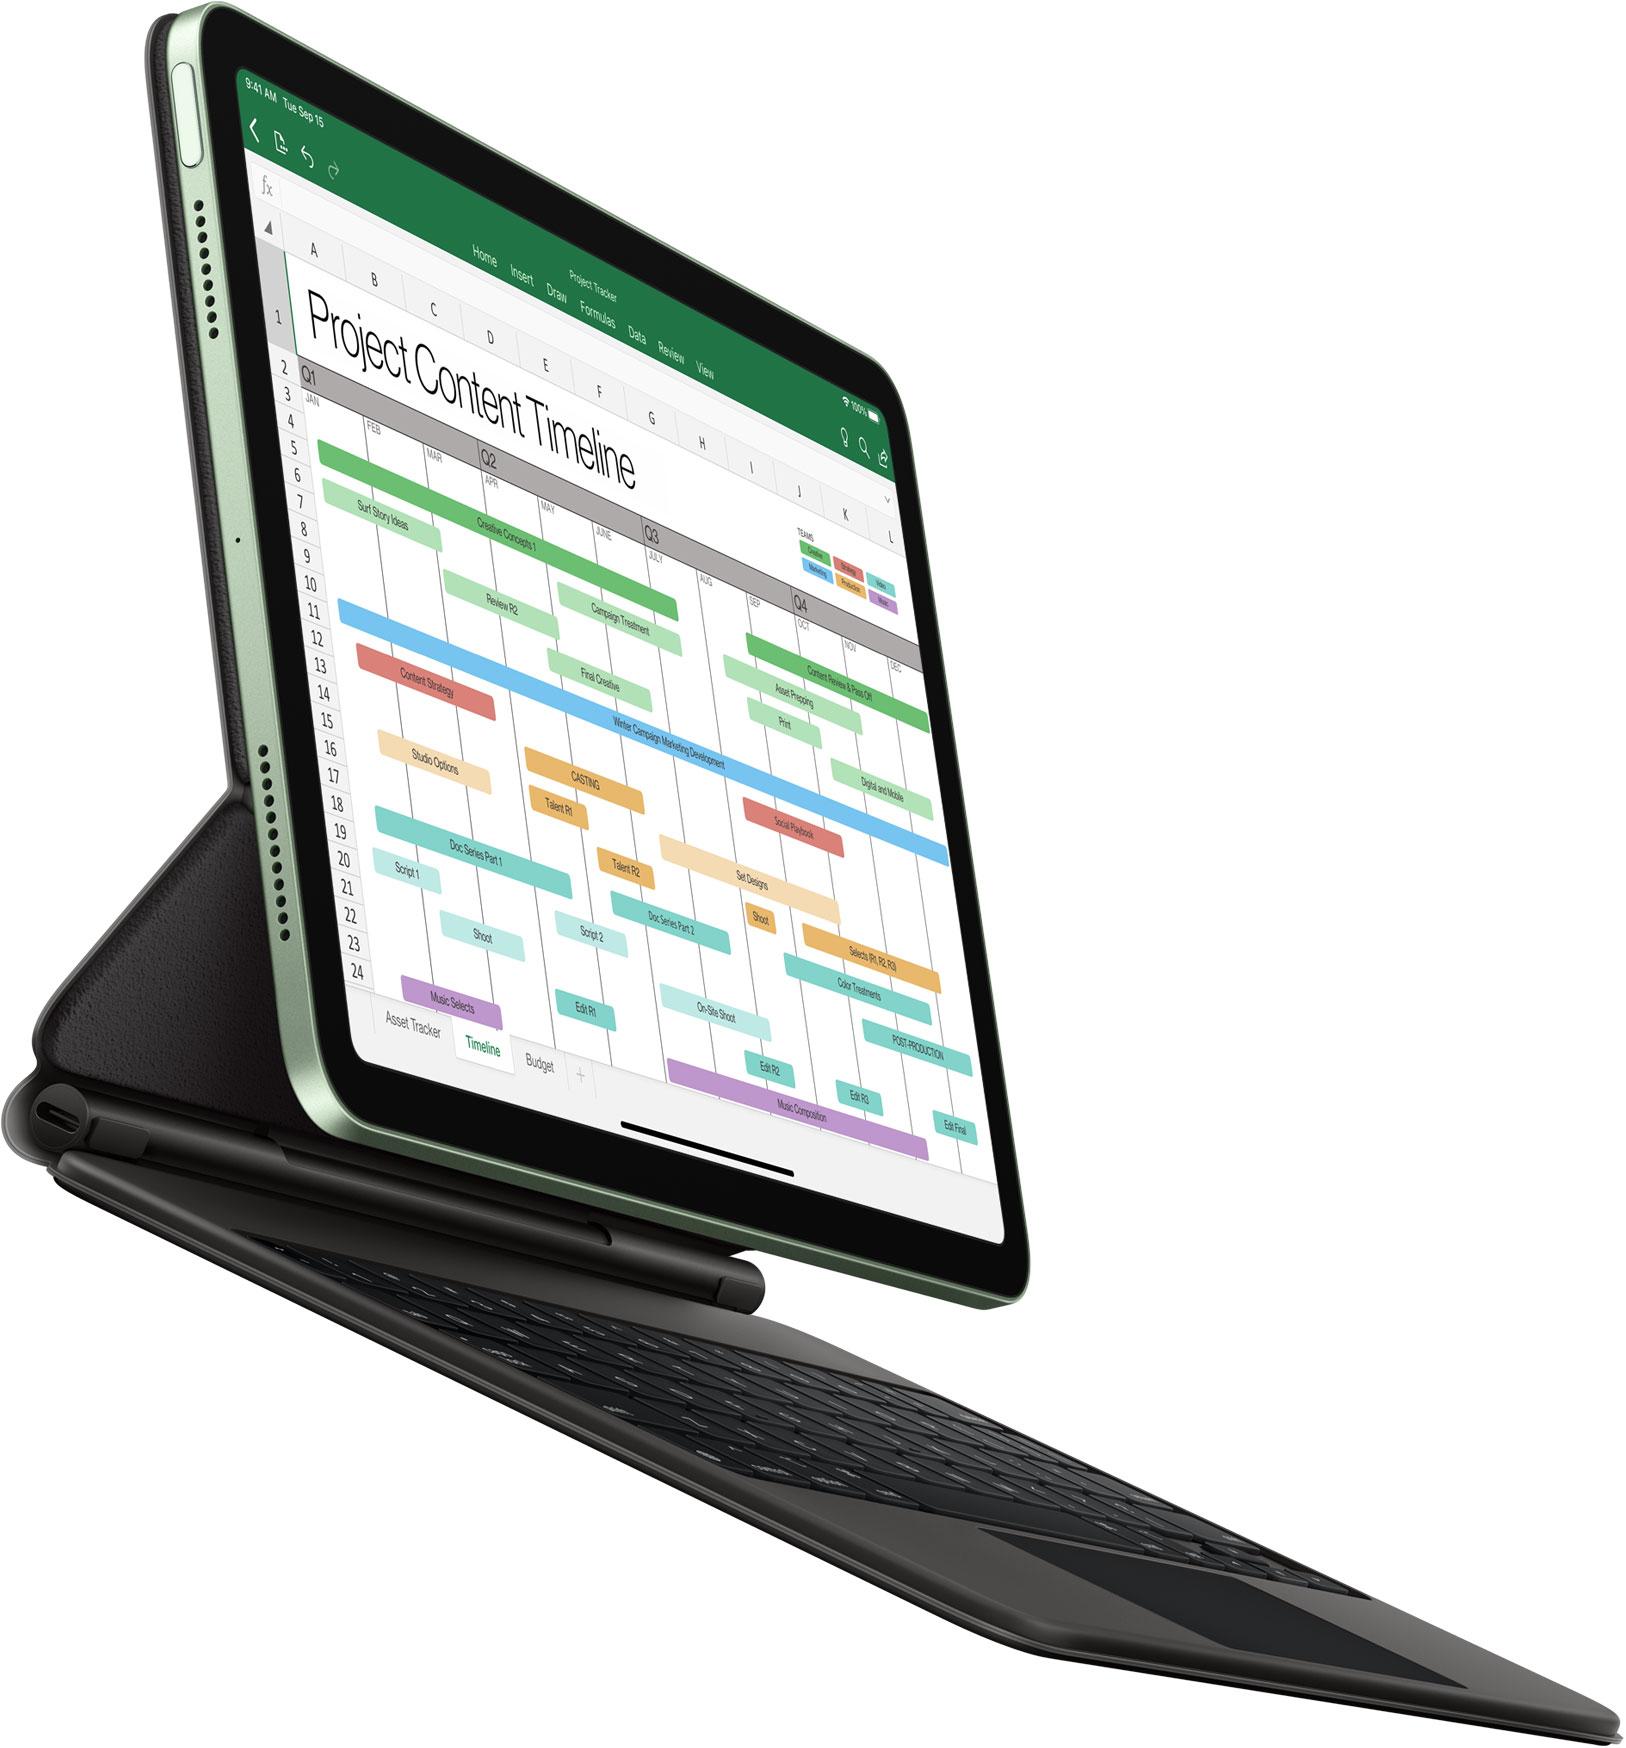 استخدام الايباد اير مع لوحة مفاتيح ابل Magic Keyboard